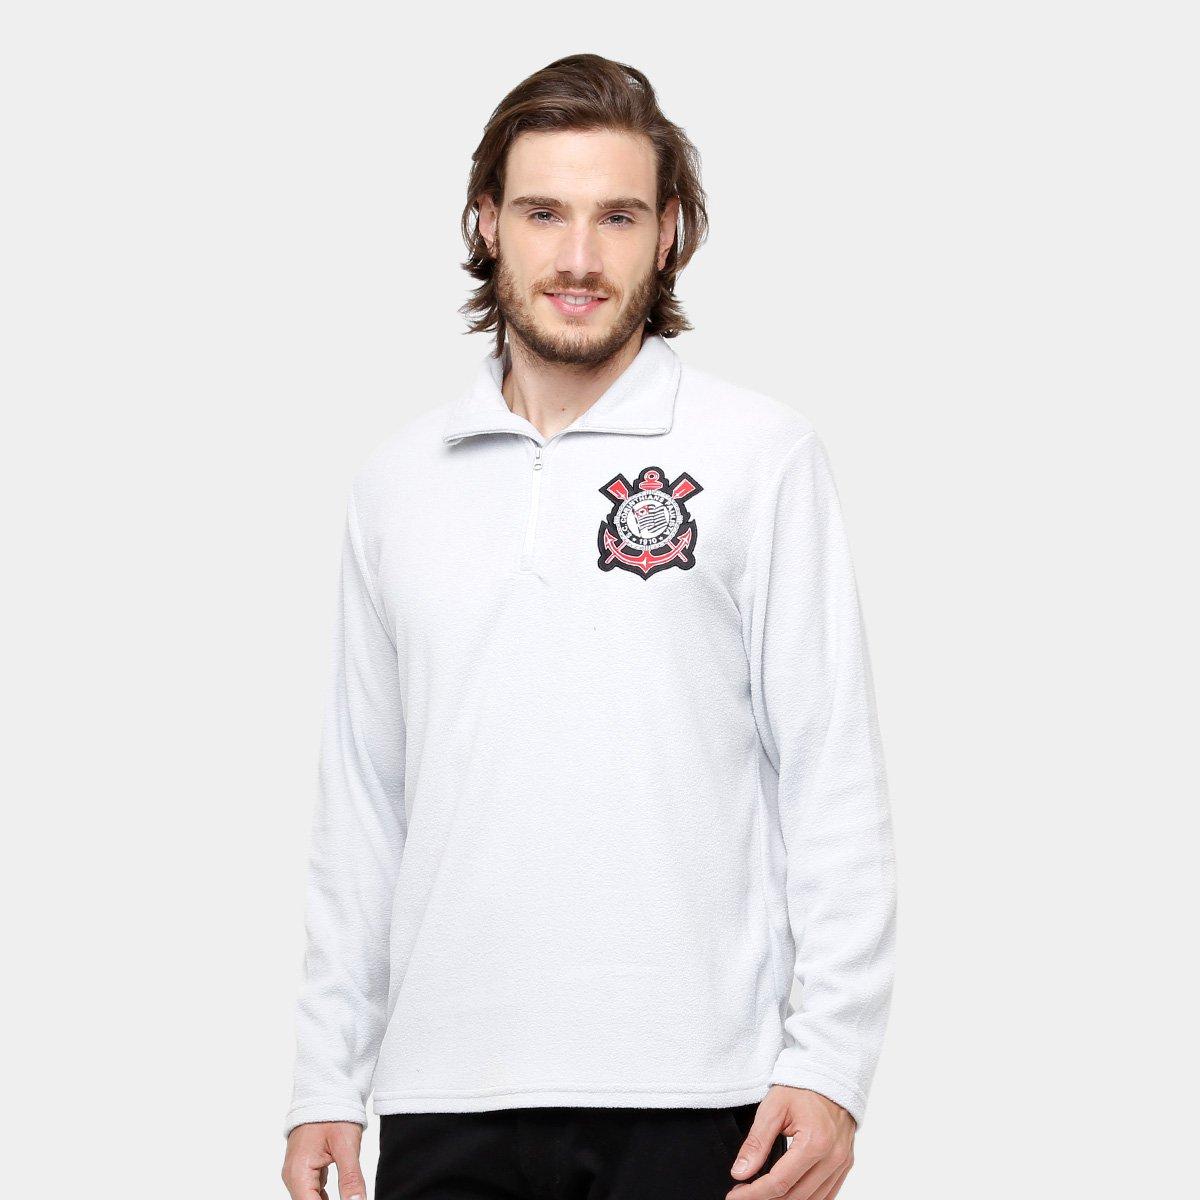 dd83e2ee9e Blusão Corinthians Polar Fleece Masculino - Cinza - Compre Agora ...